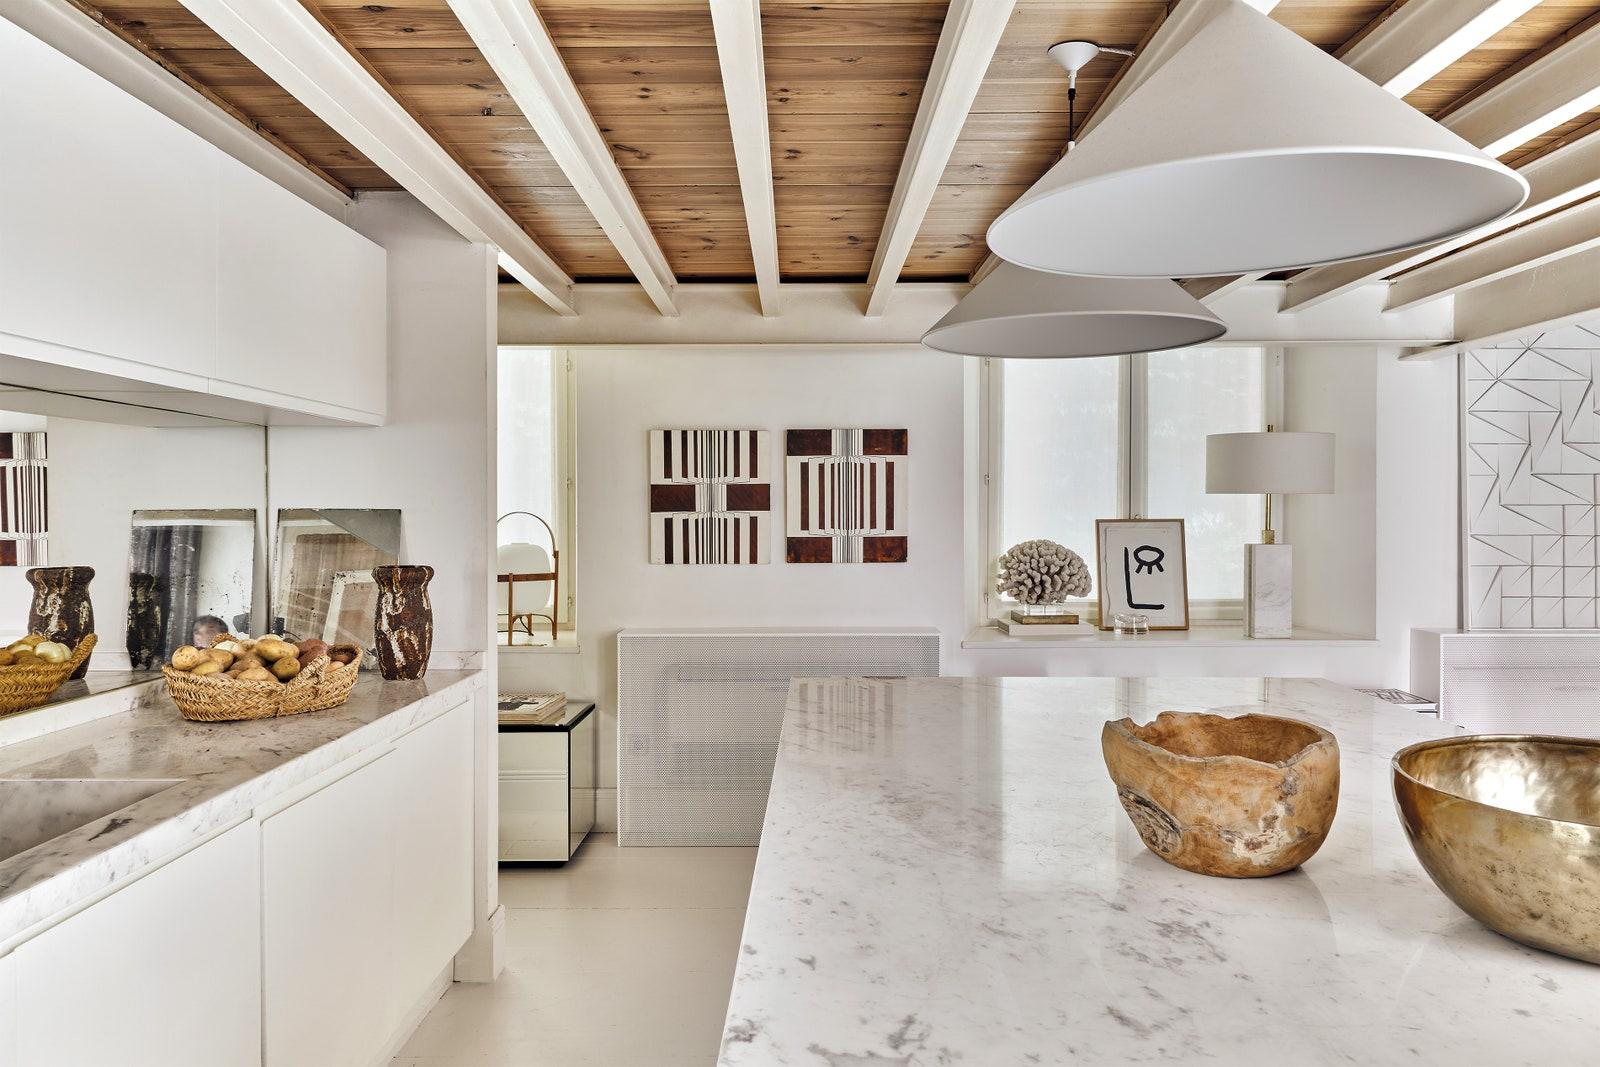 este_verano_practica_nesting_decoración_interiores_lifestyle_consejos-05